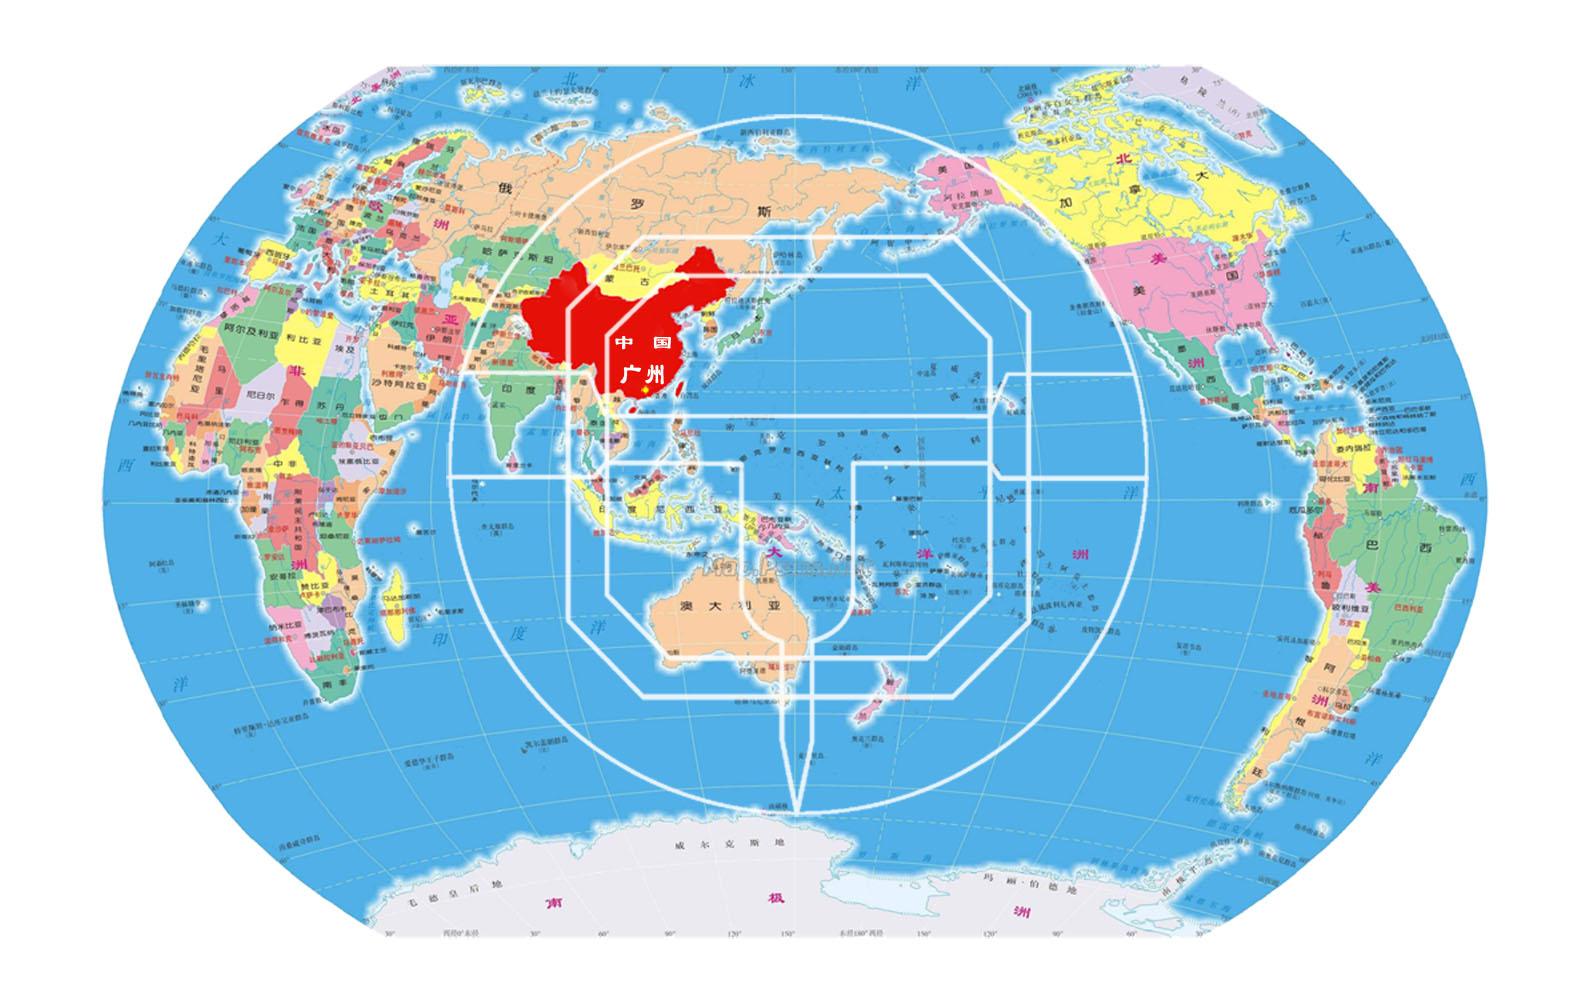 世界地图9-5  F符号 2017-5-26.jpg